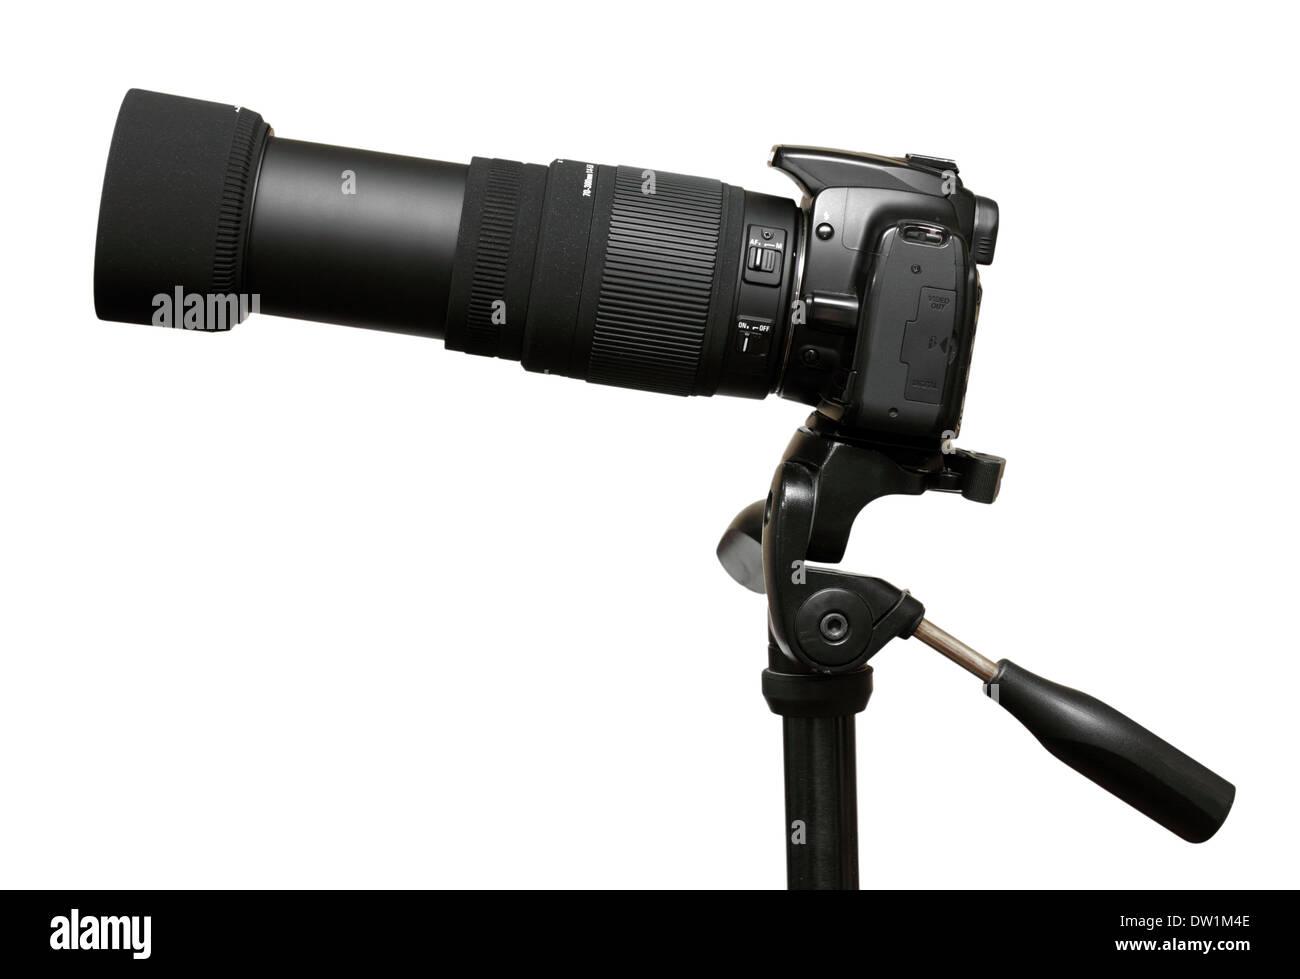 Telecamera con teleobiettivo con zoom Immagini Stock